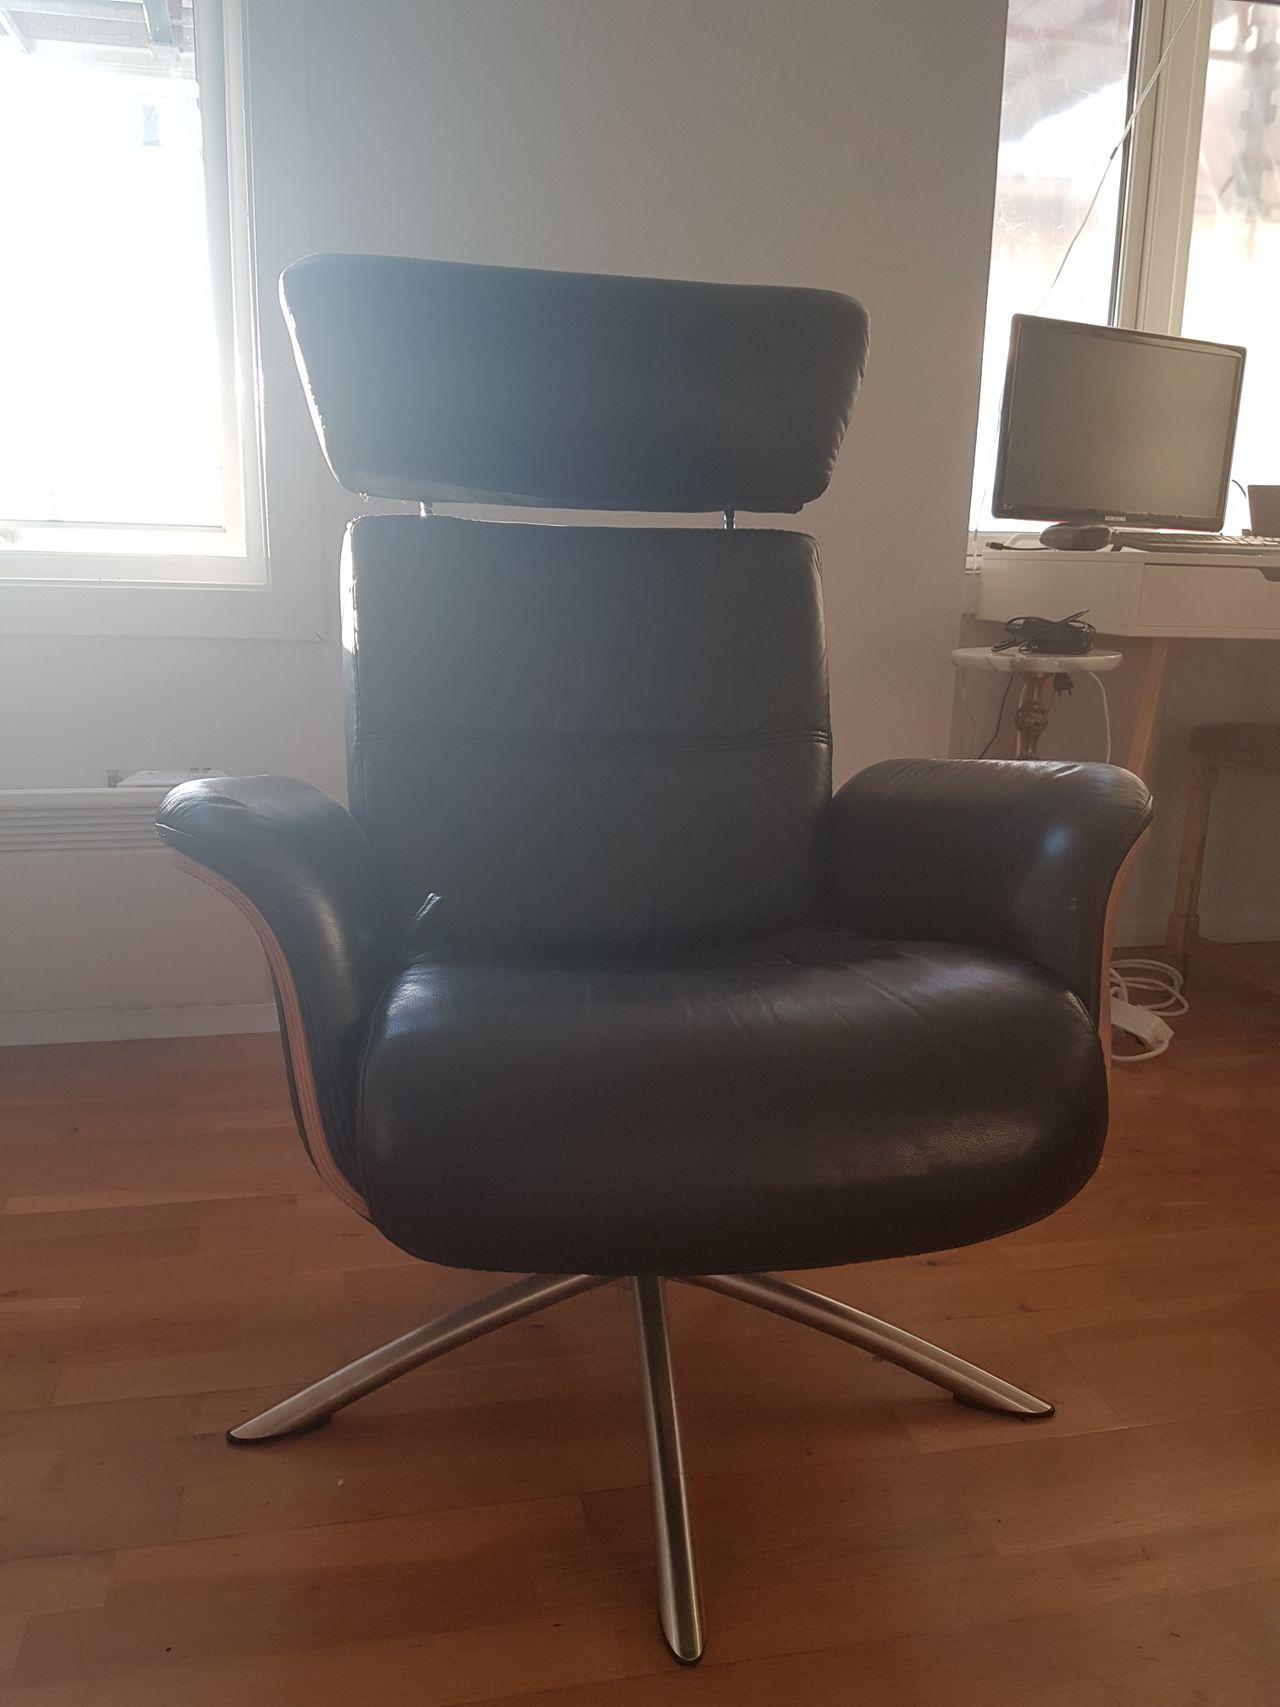 Macan hvilestol svart | FINN.no